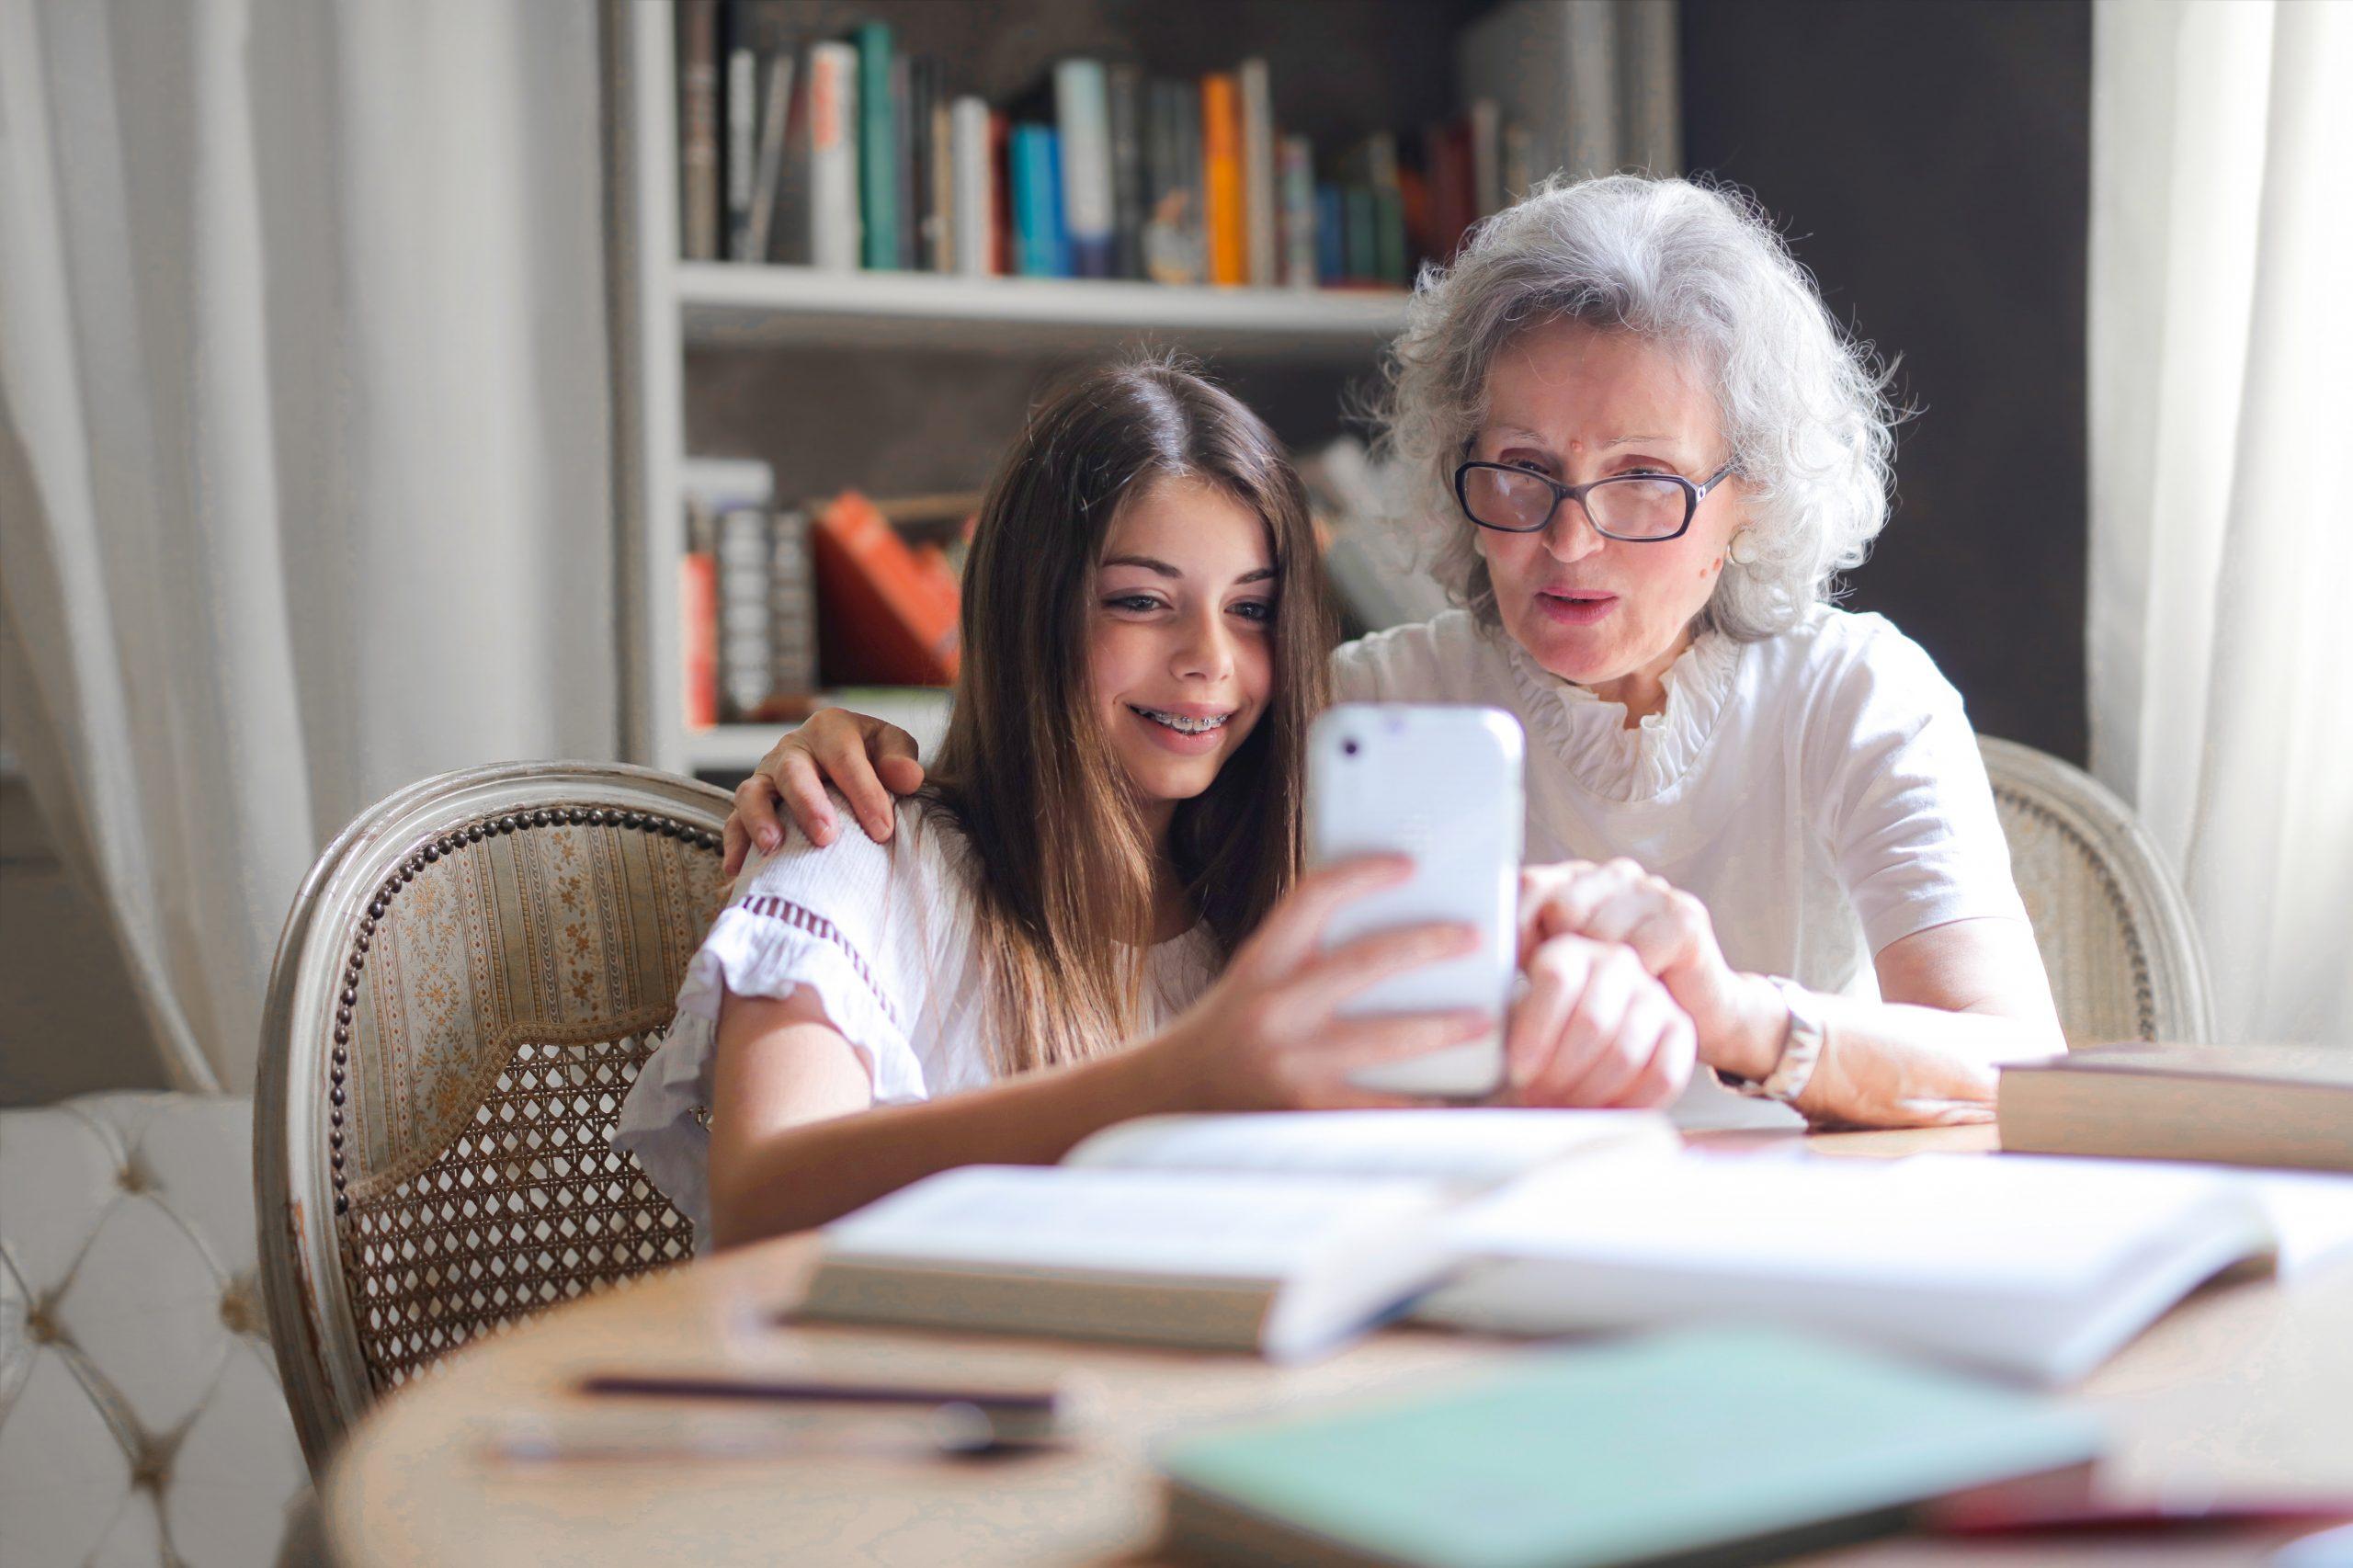 Oudere vrouw met kleindochter kijken samen op telefoon